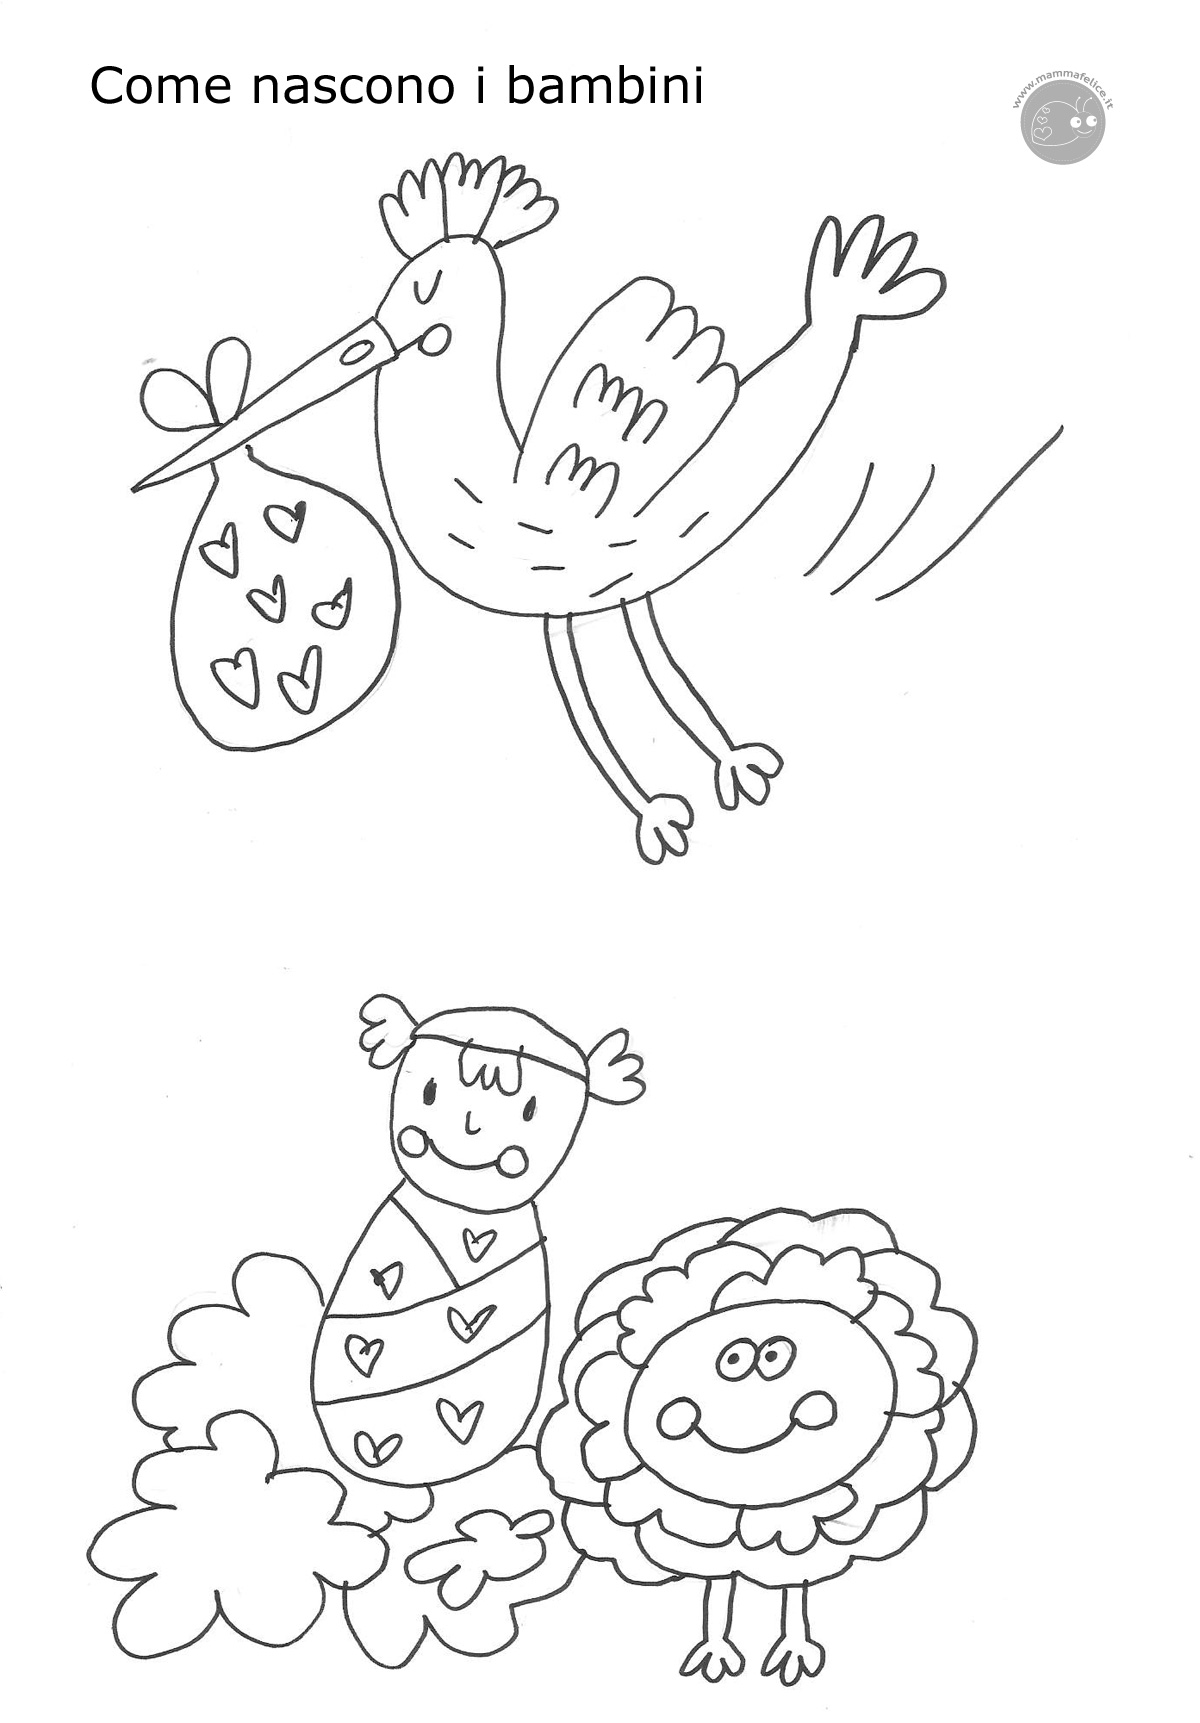 Come nascono i bambini disegno da colorare disegni - Immagini di aquiloni per colorare ...